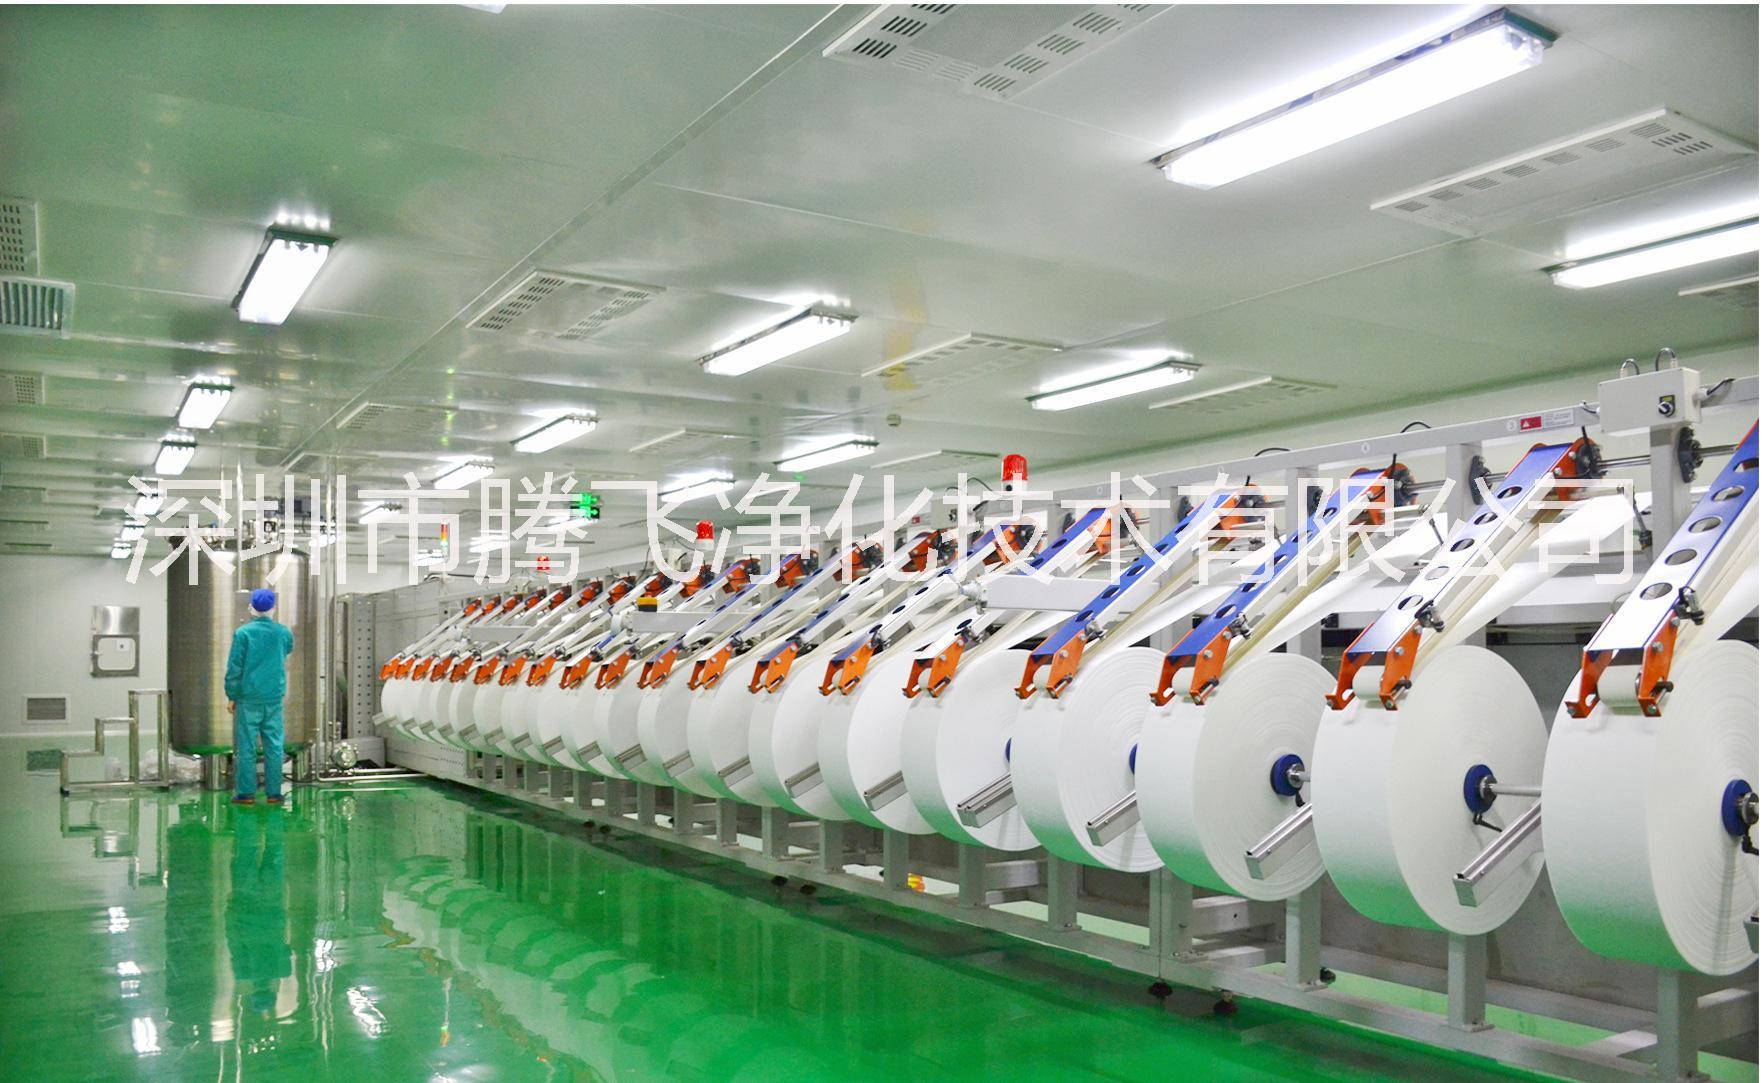 10万级卫生湿巾生产净化车间,卫生湿巾无尘车间,十万级卫生湿巾生产洁净厂房